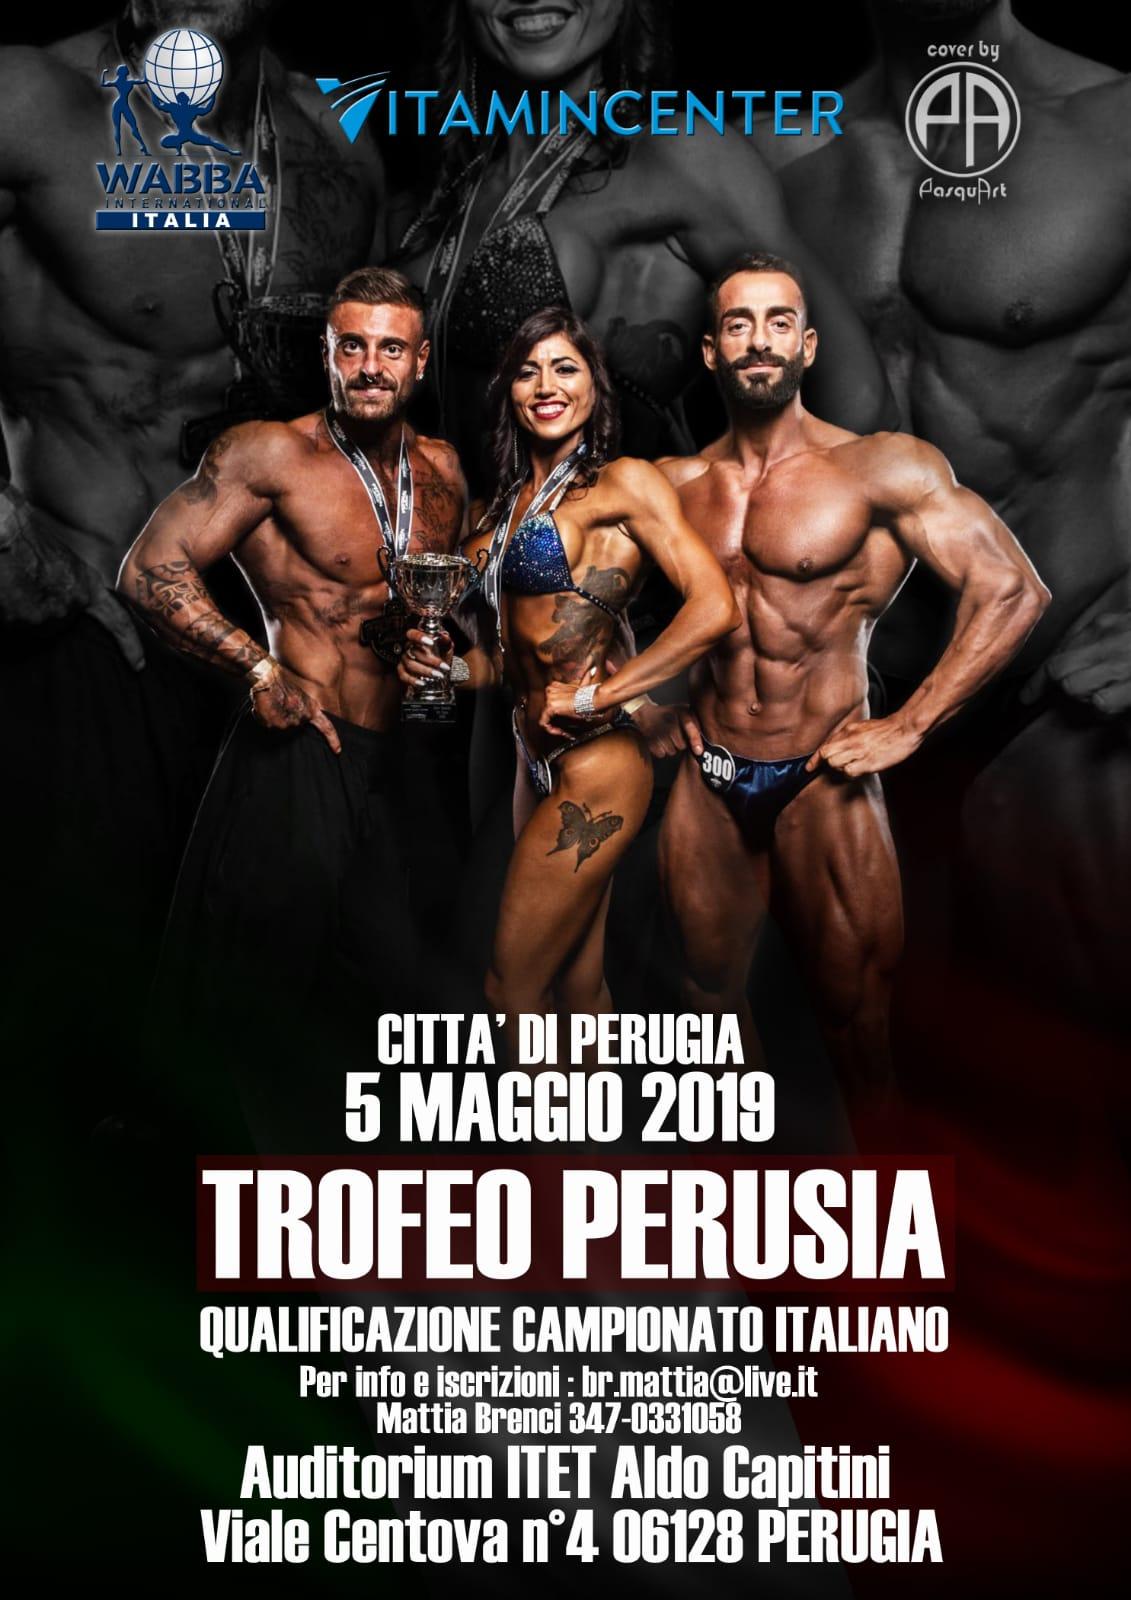 Trofeo Perusia